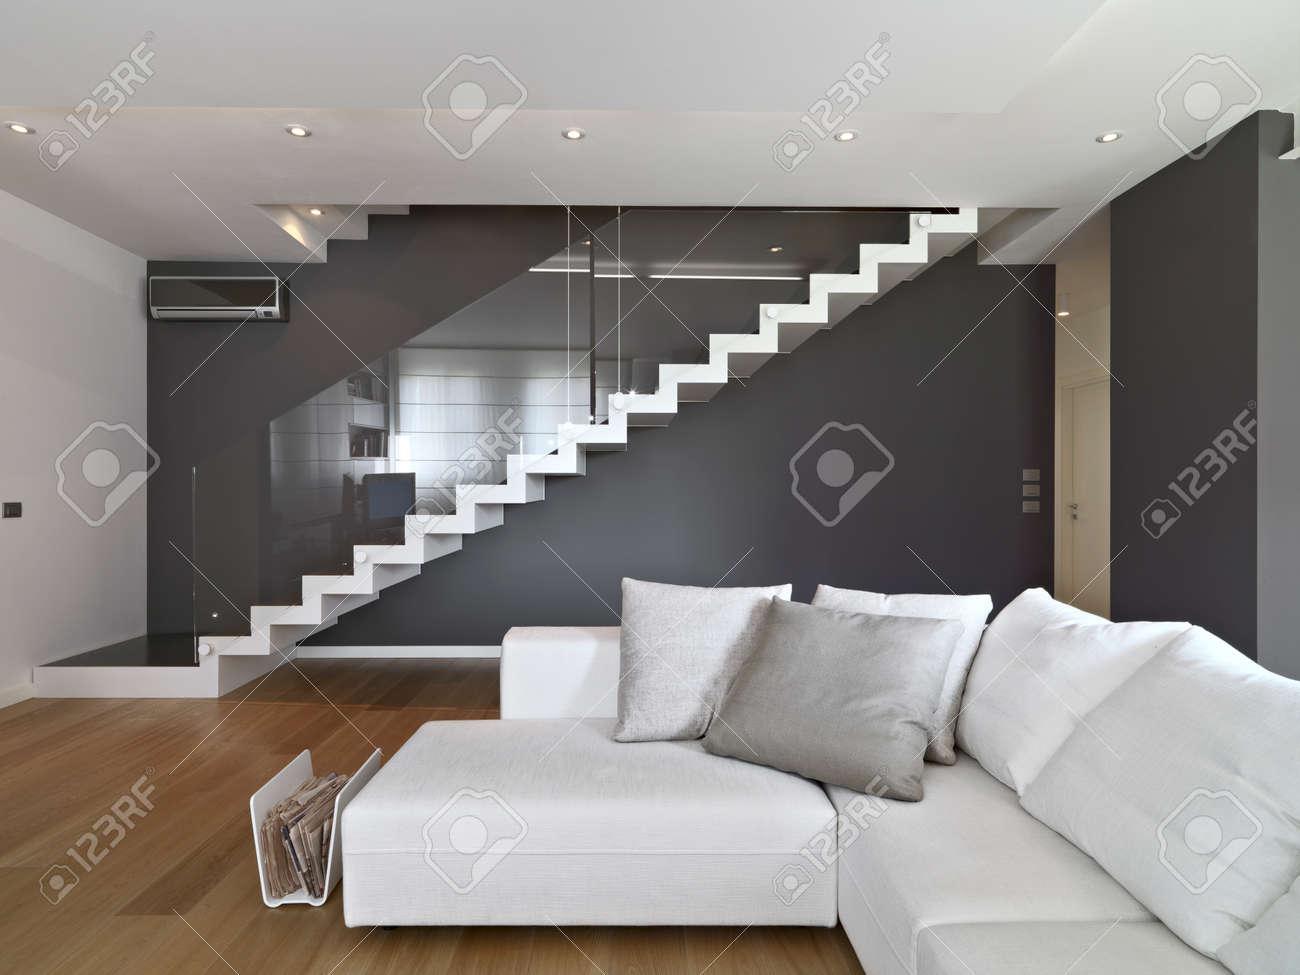 Escalier Dans Un Salon canapé tissu dans le salon moderne avec escalier et plancher en bois